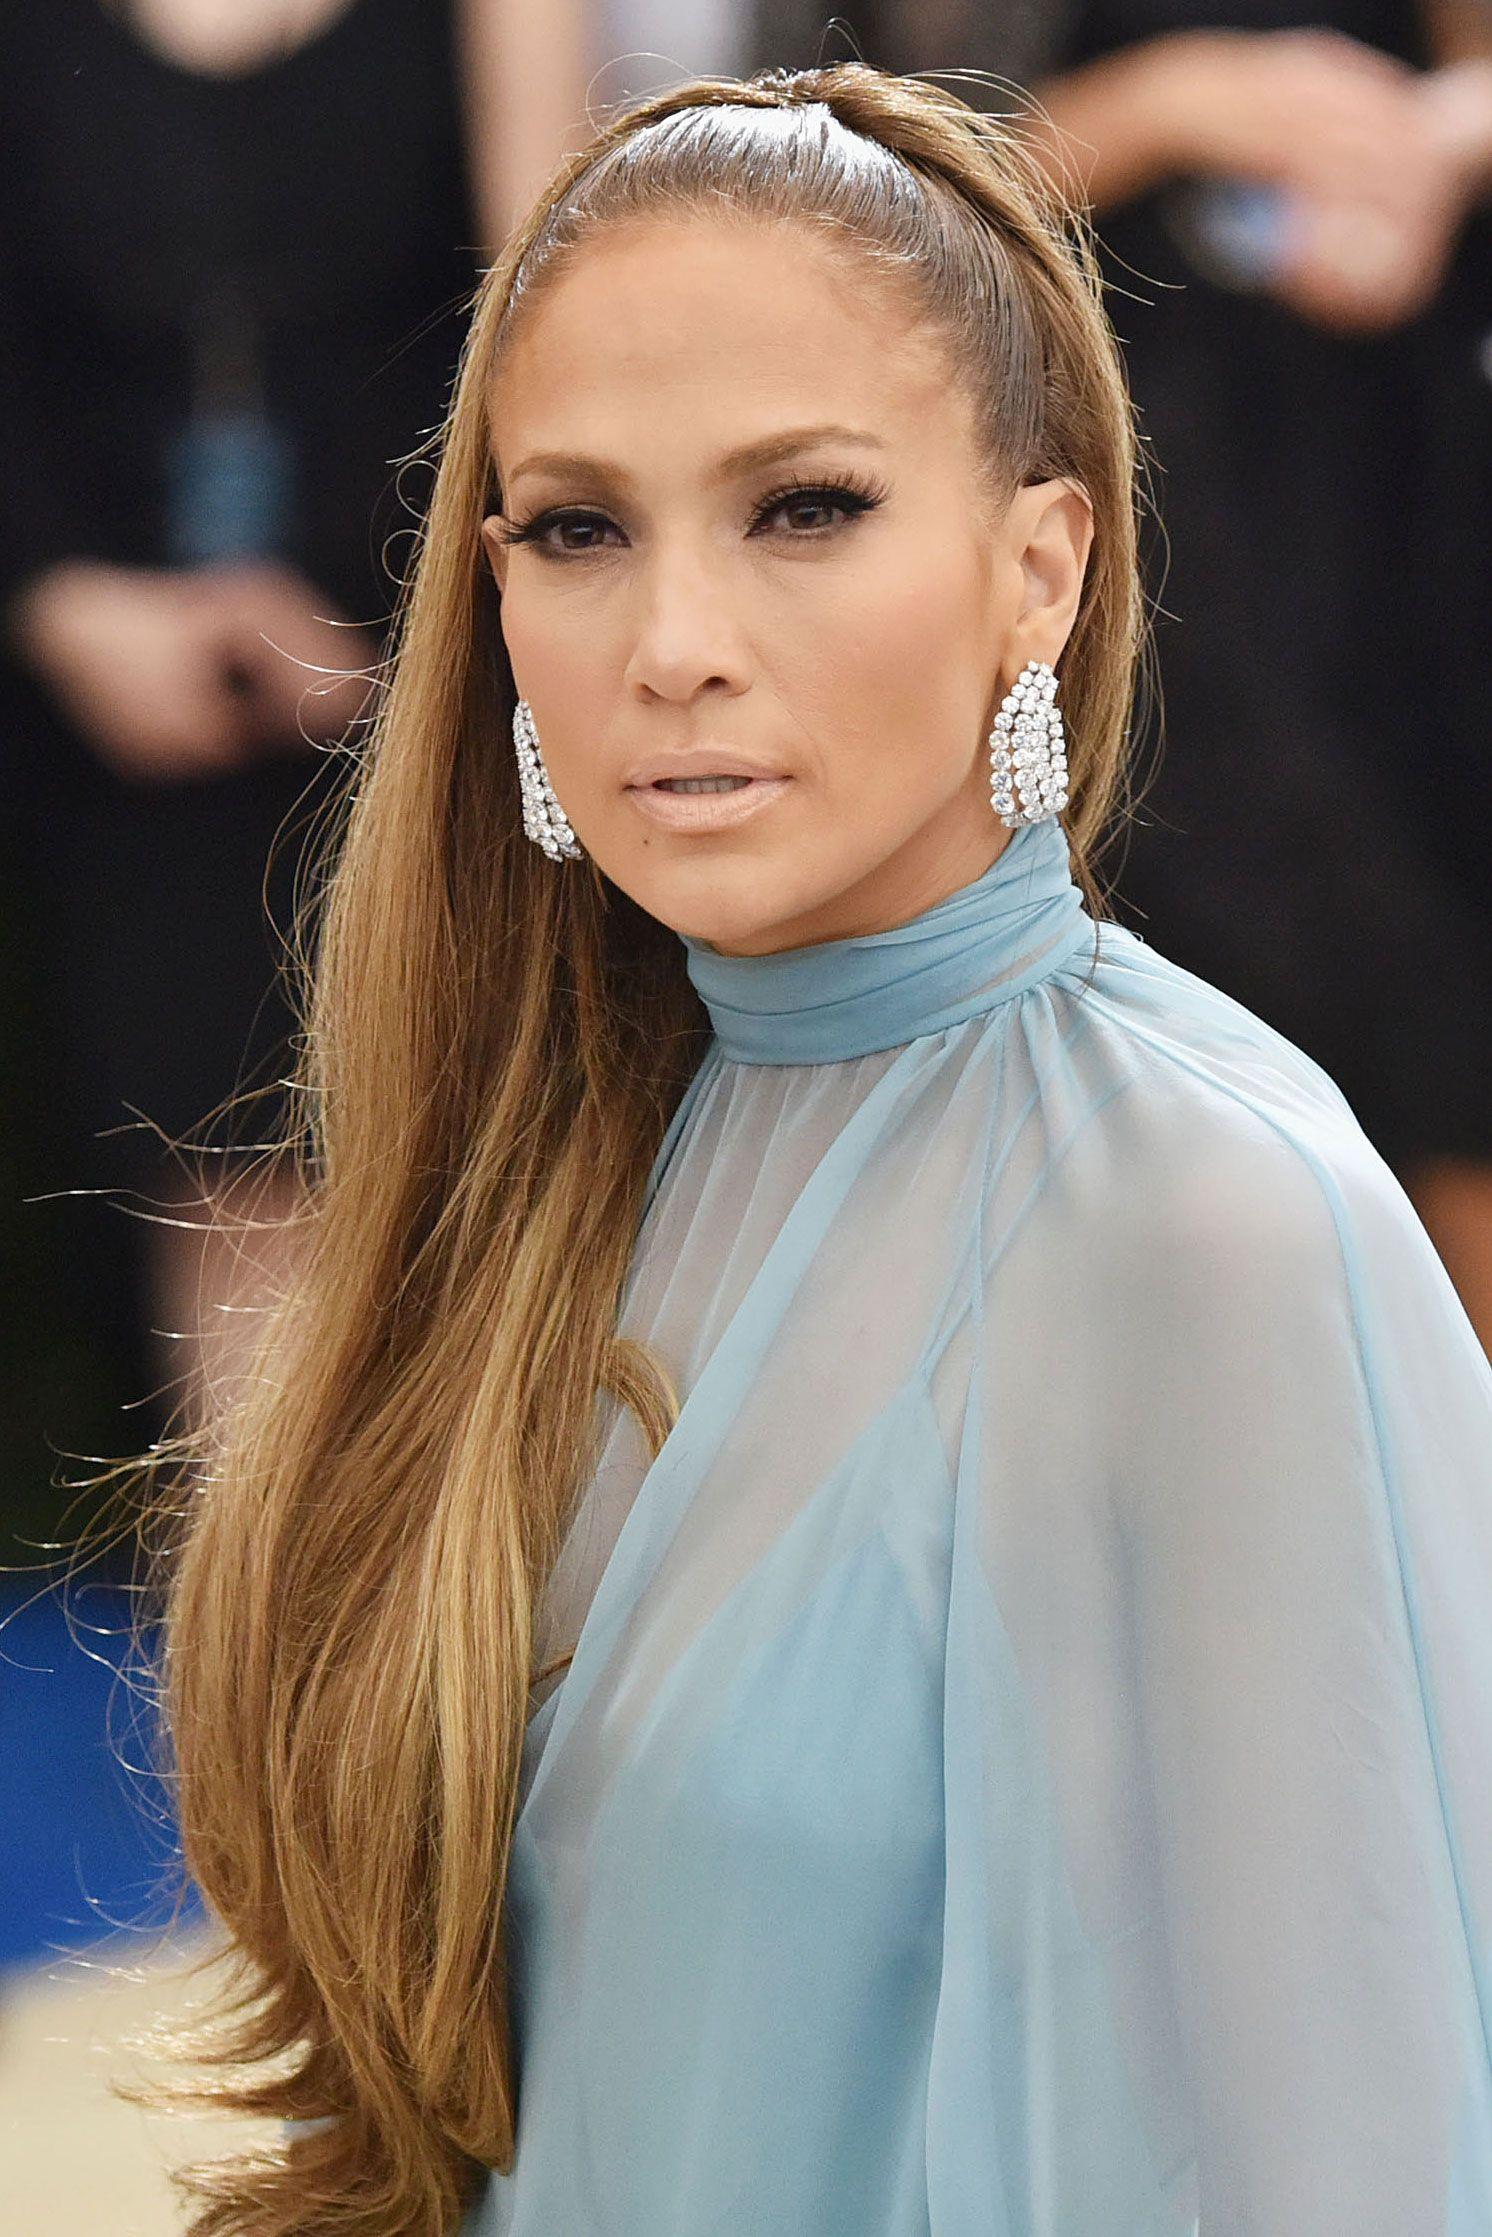 Jennifer Lopez The Best And Least Interesting Met Gala Beauty